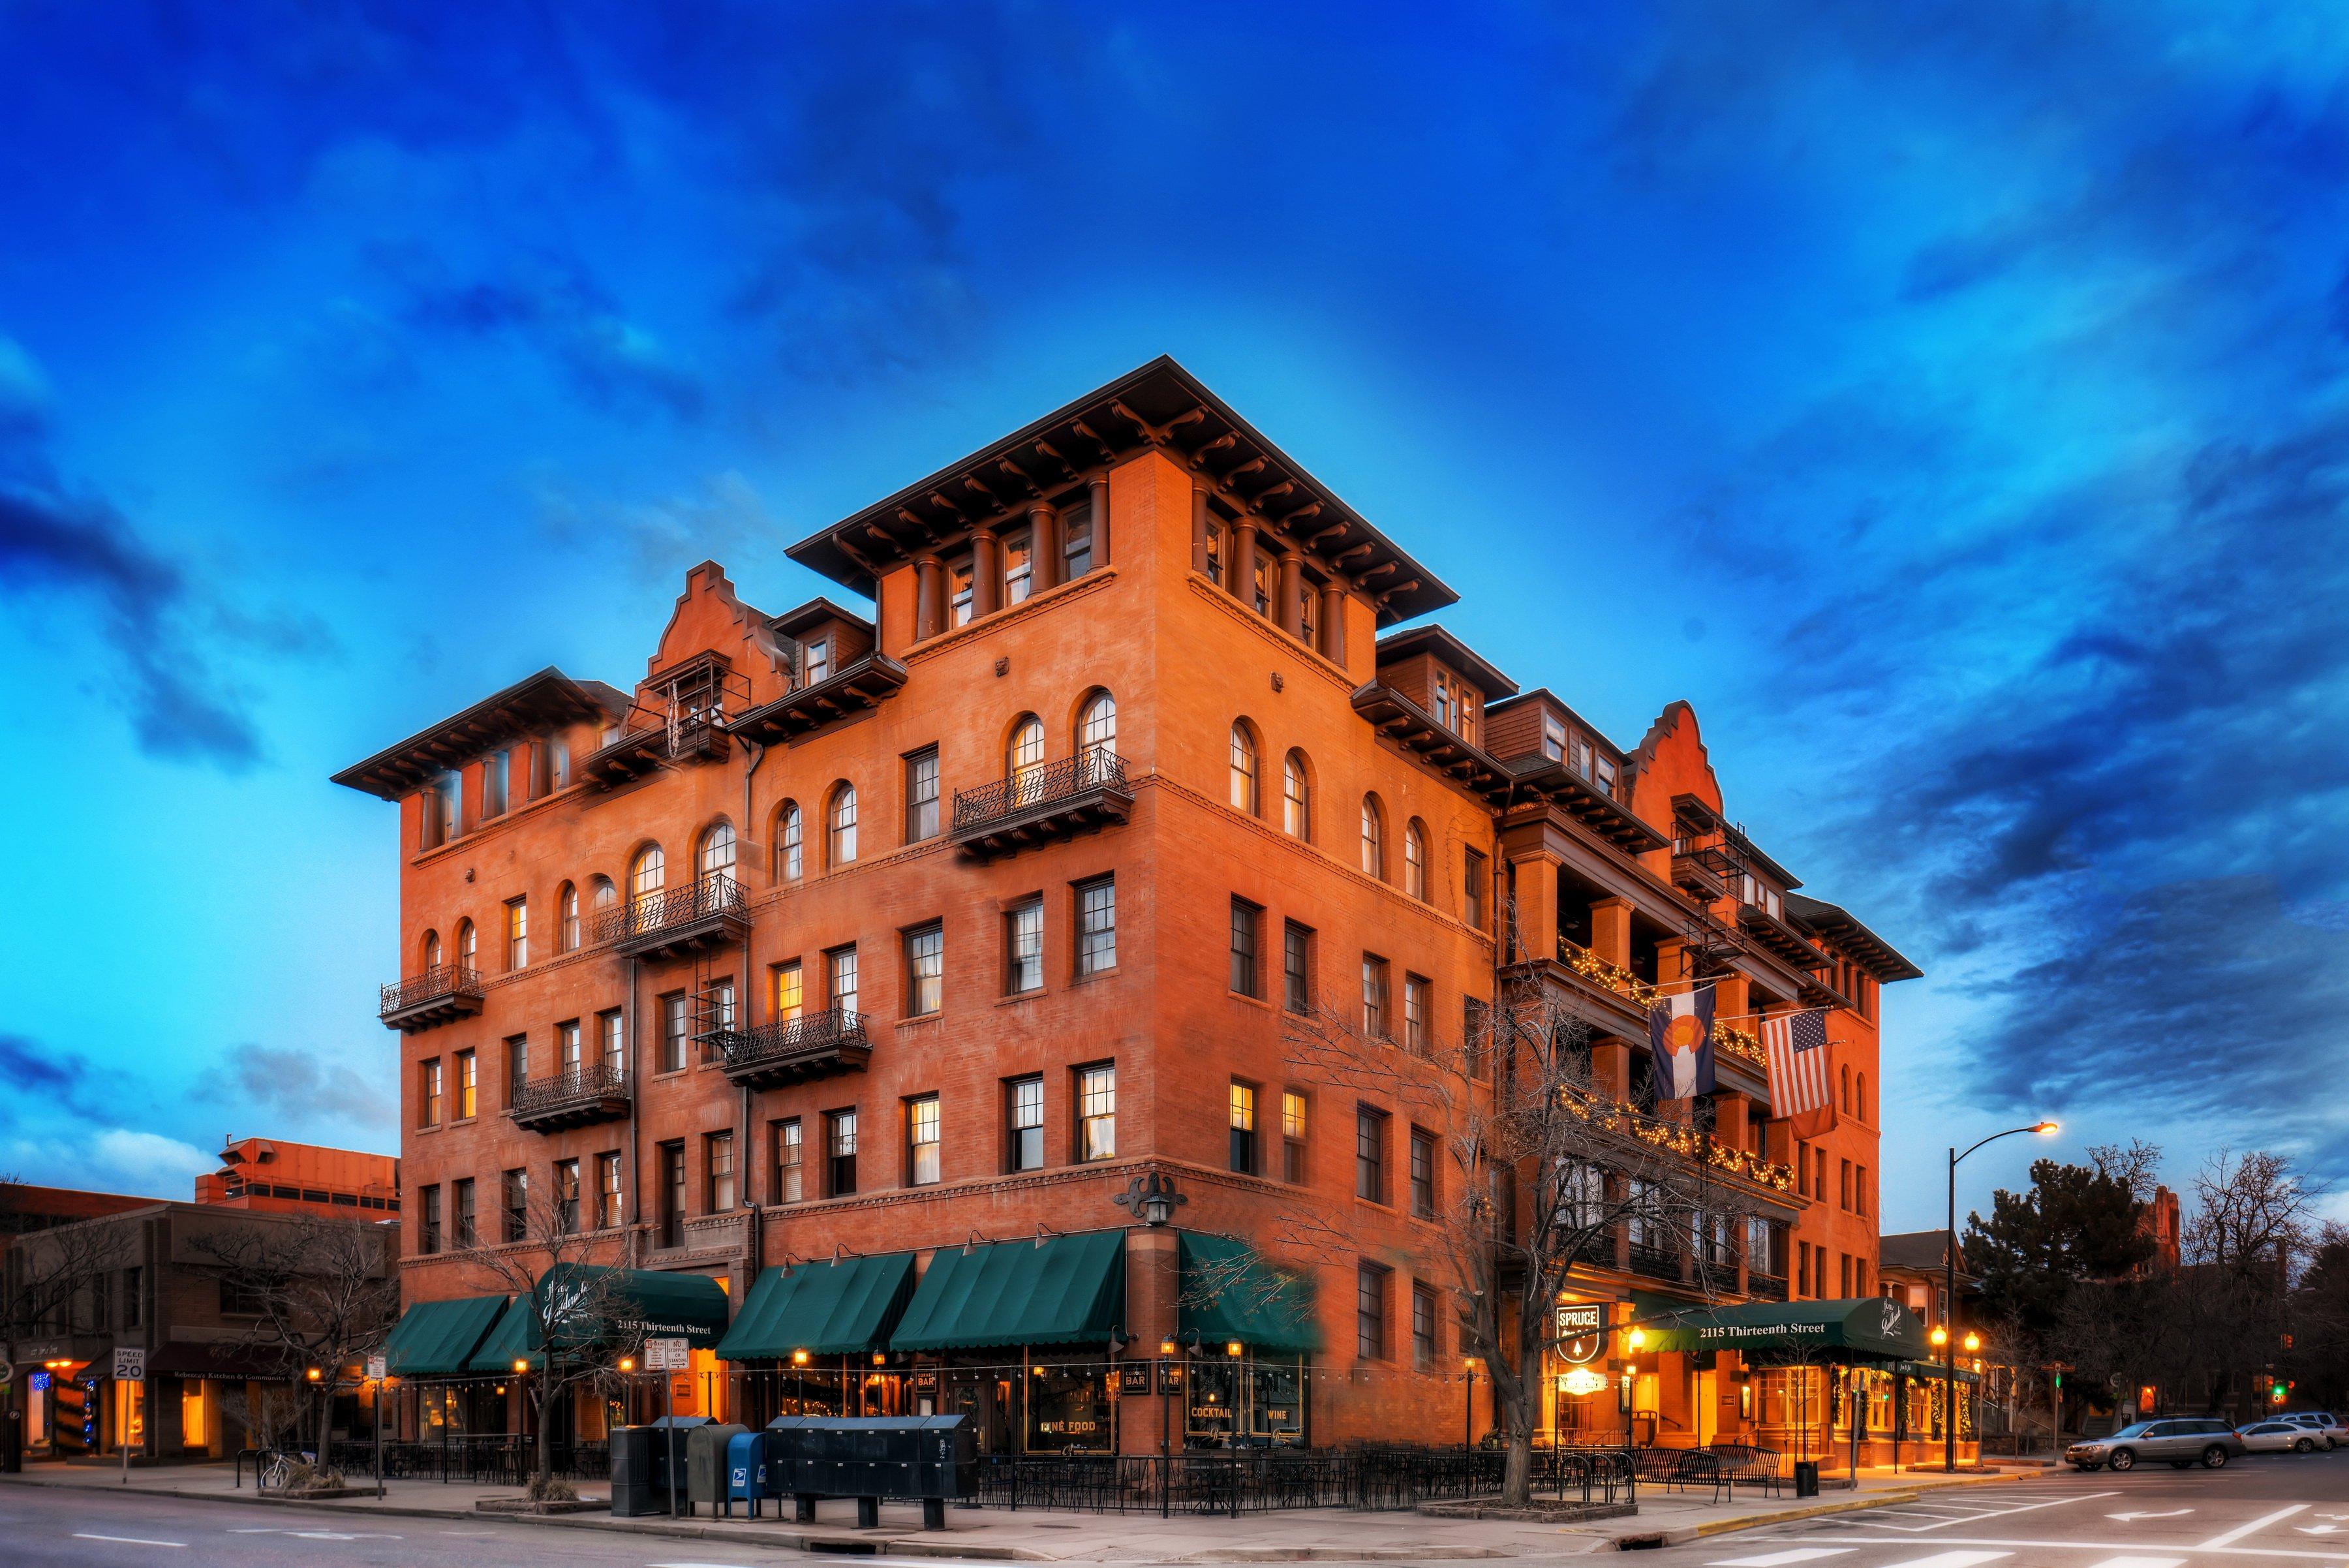 hotel-boulderado-epicenter.com